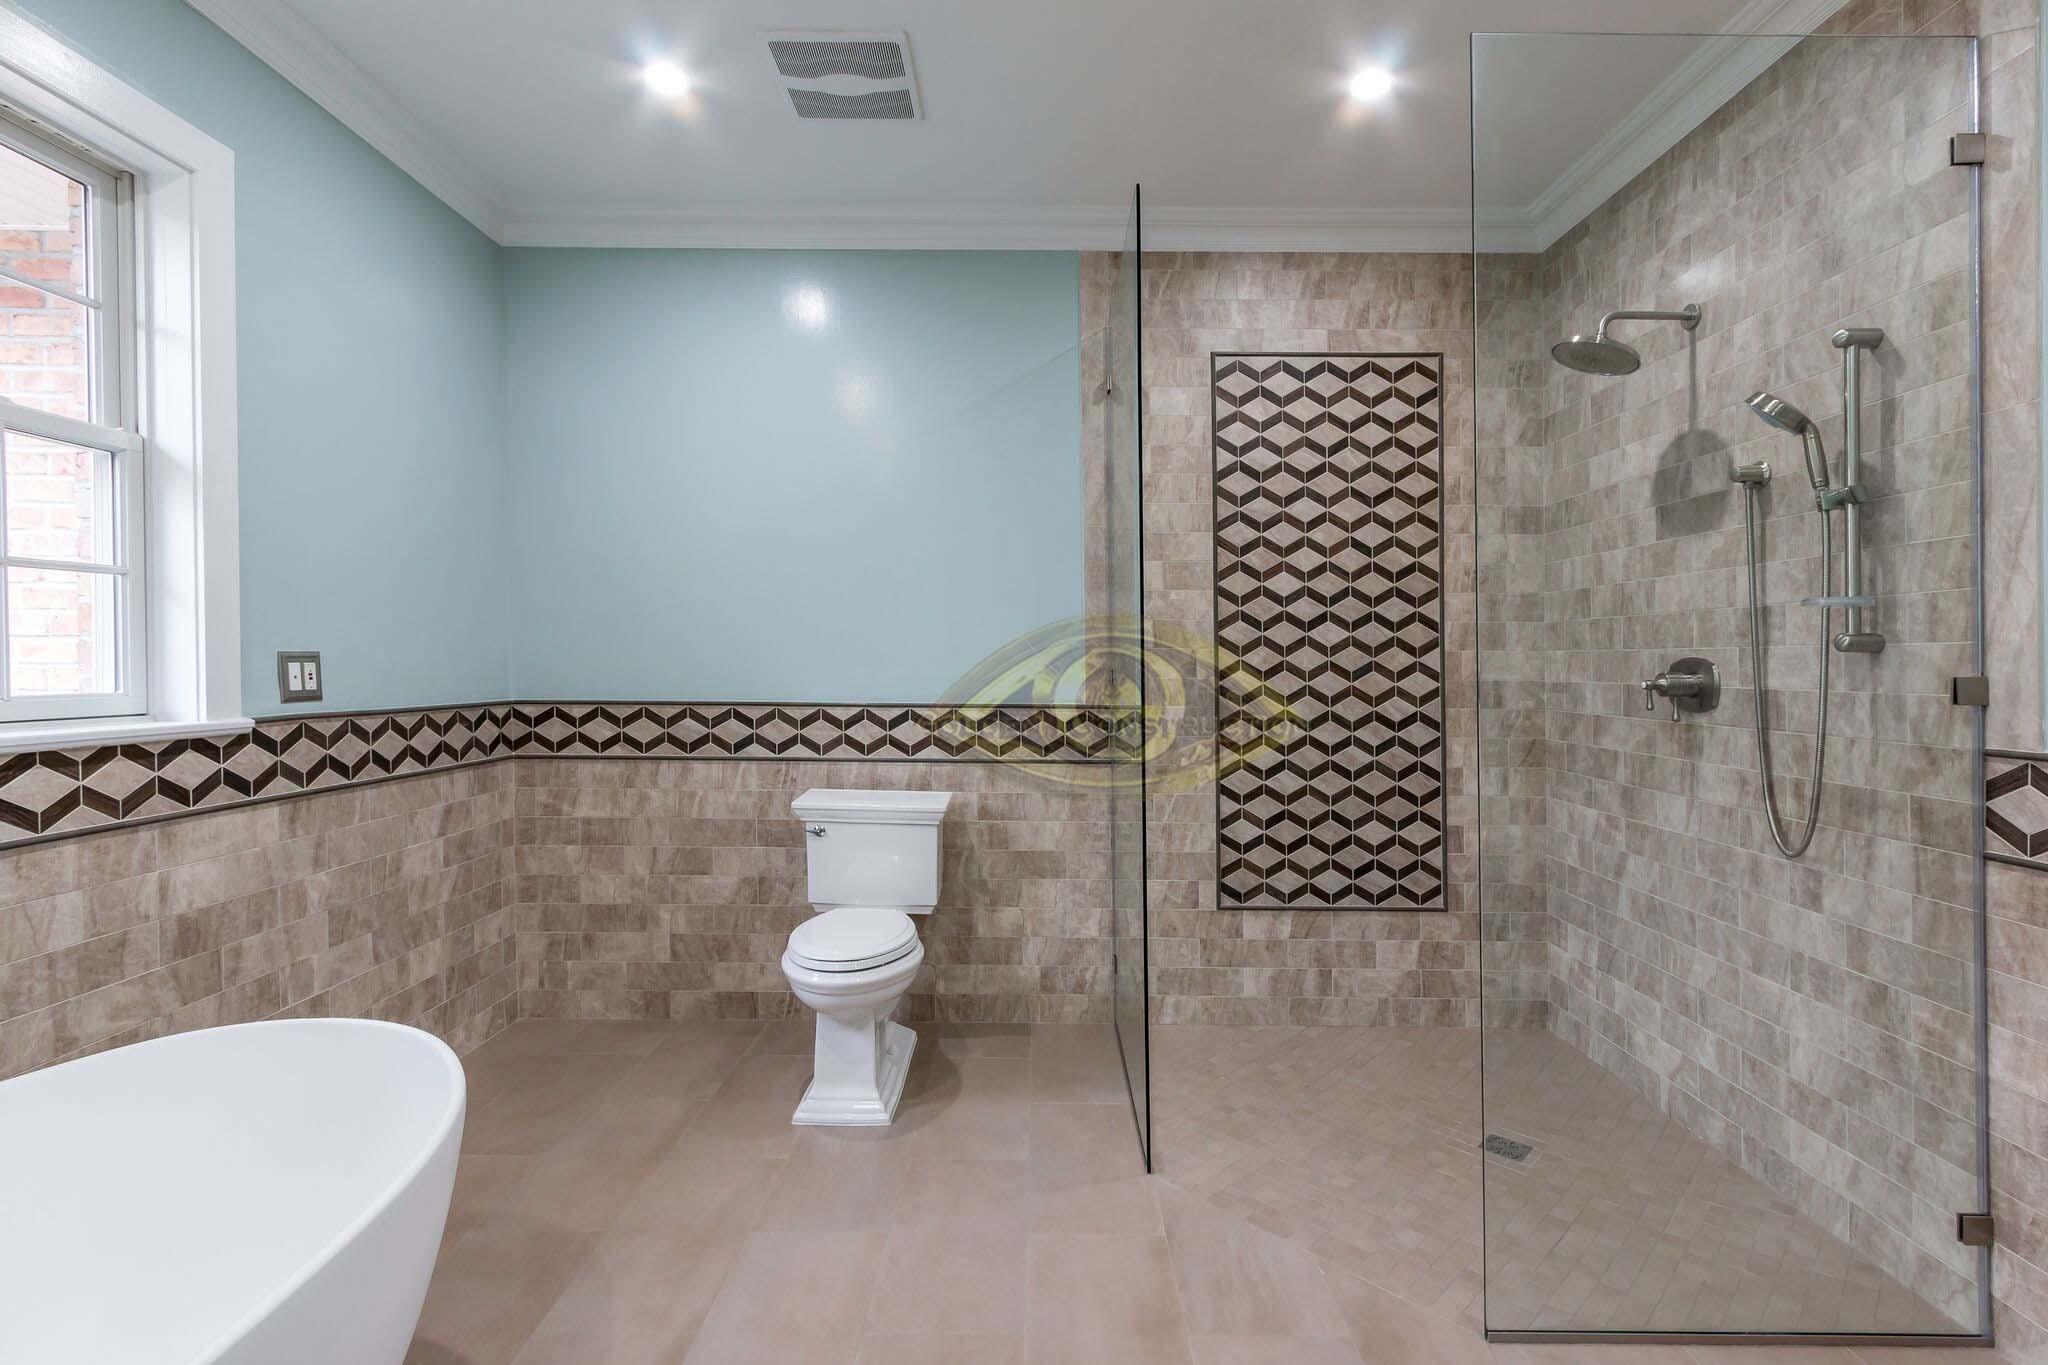 Bathroom Renovation Nyc Ny Golden I Construction